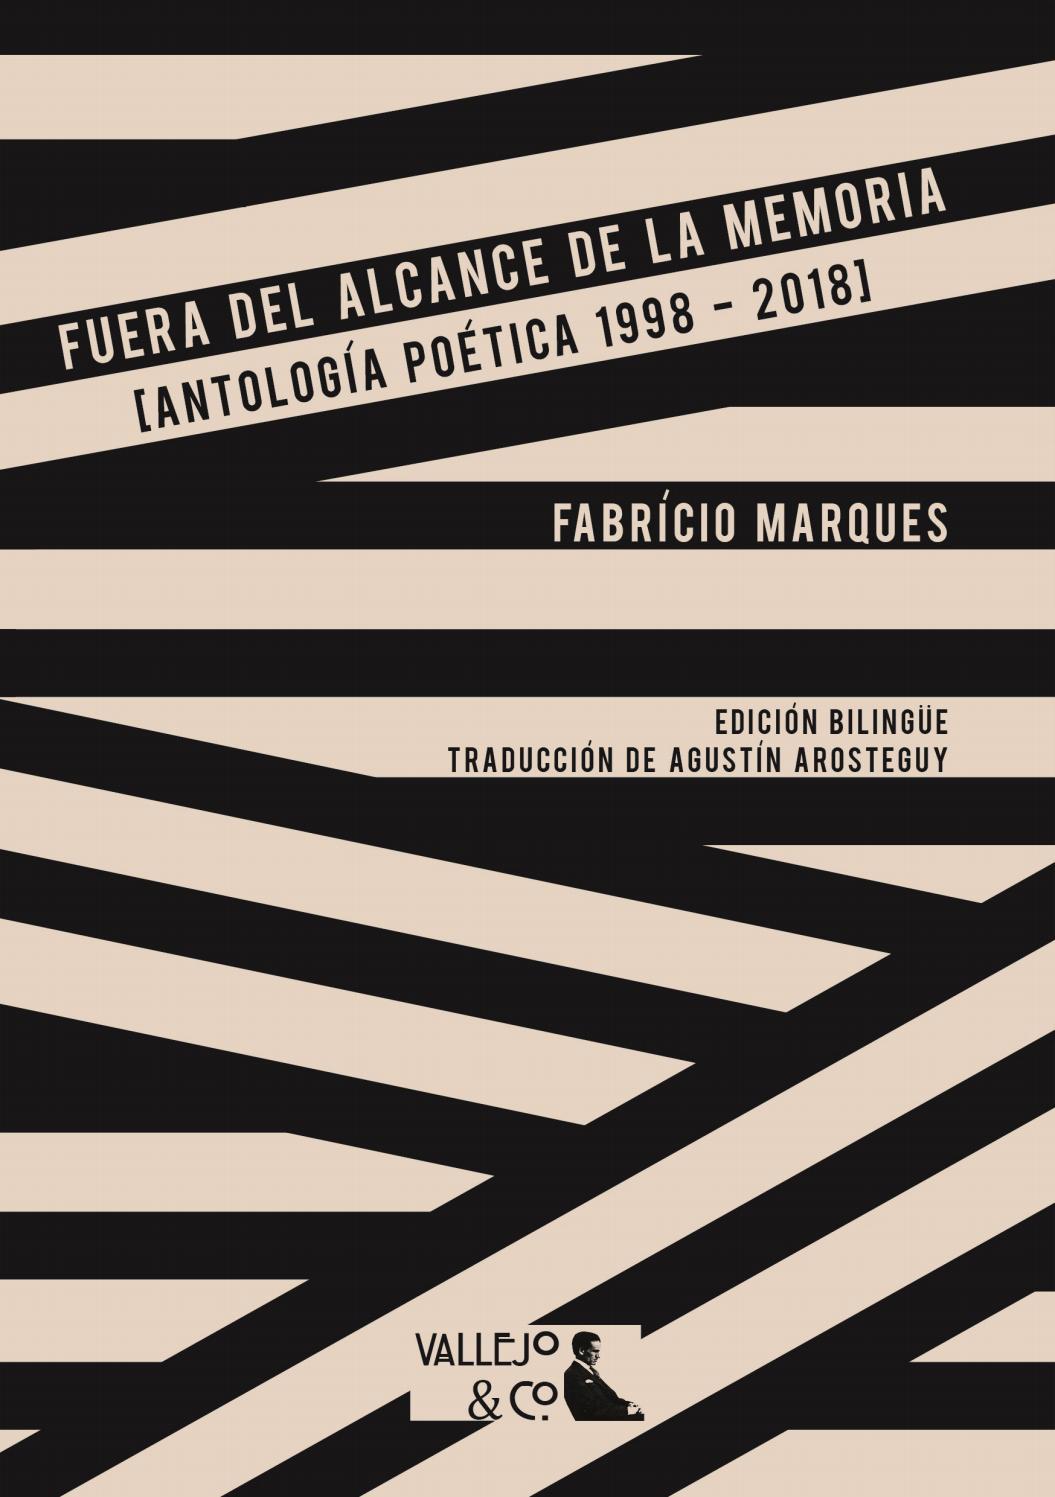 Fuera Del Alcance De La Memoria Antología Poética 1998